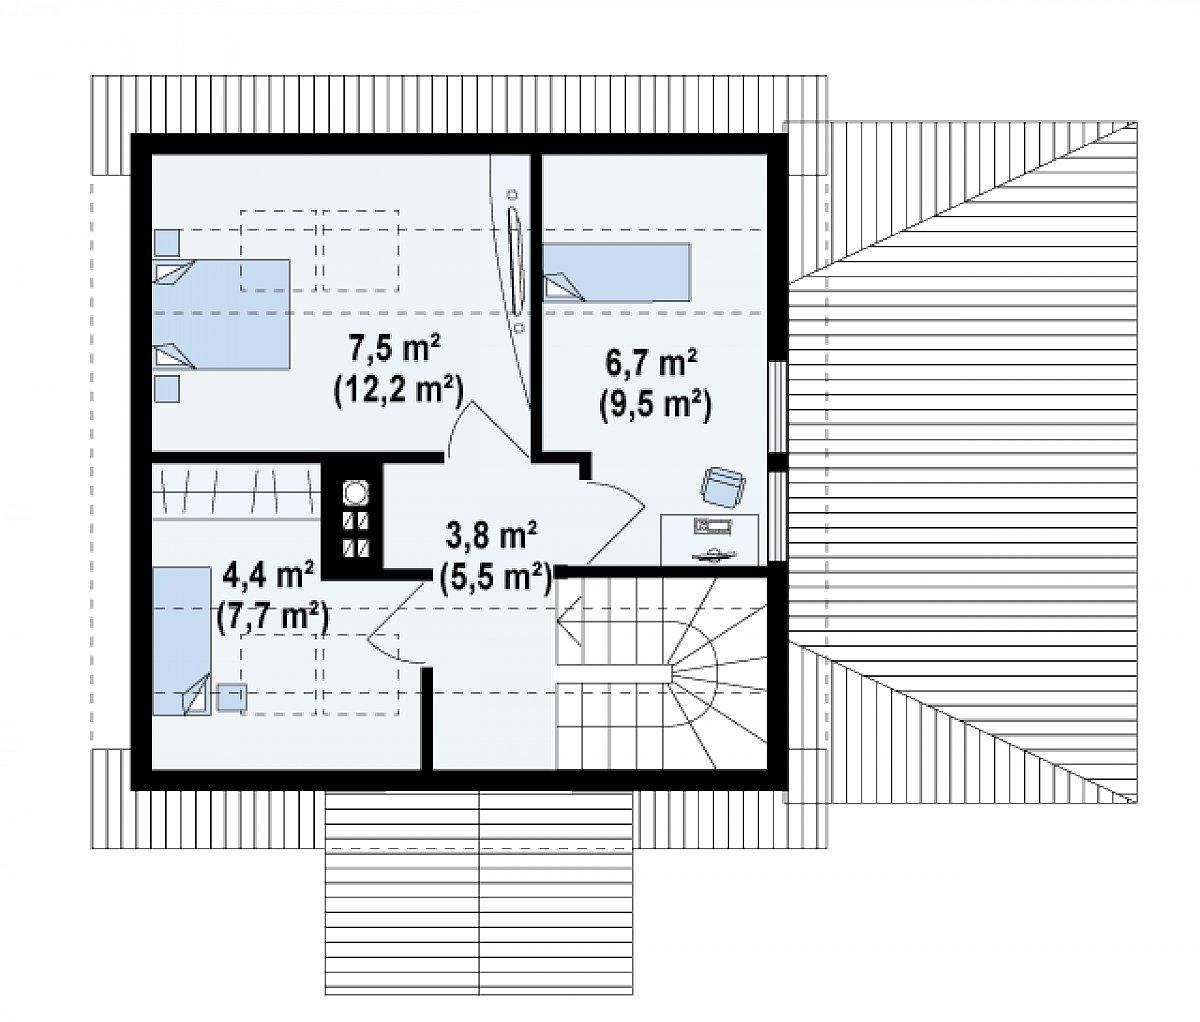 Дом с мансардой 78 рисунок чертеж 5